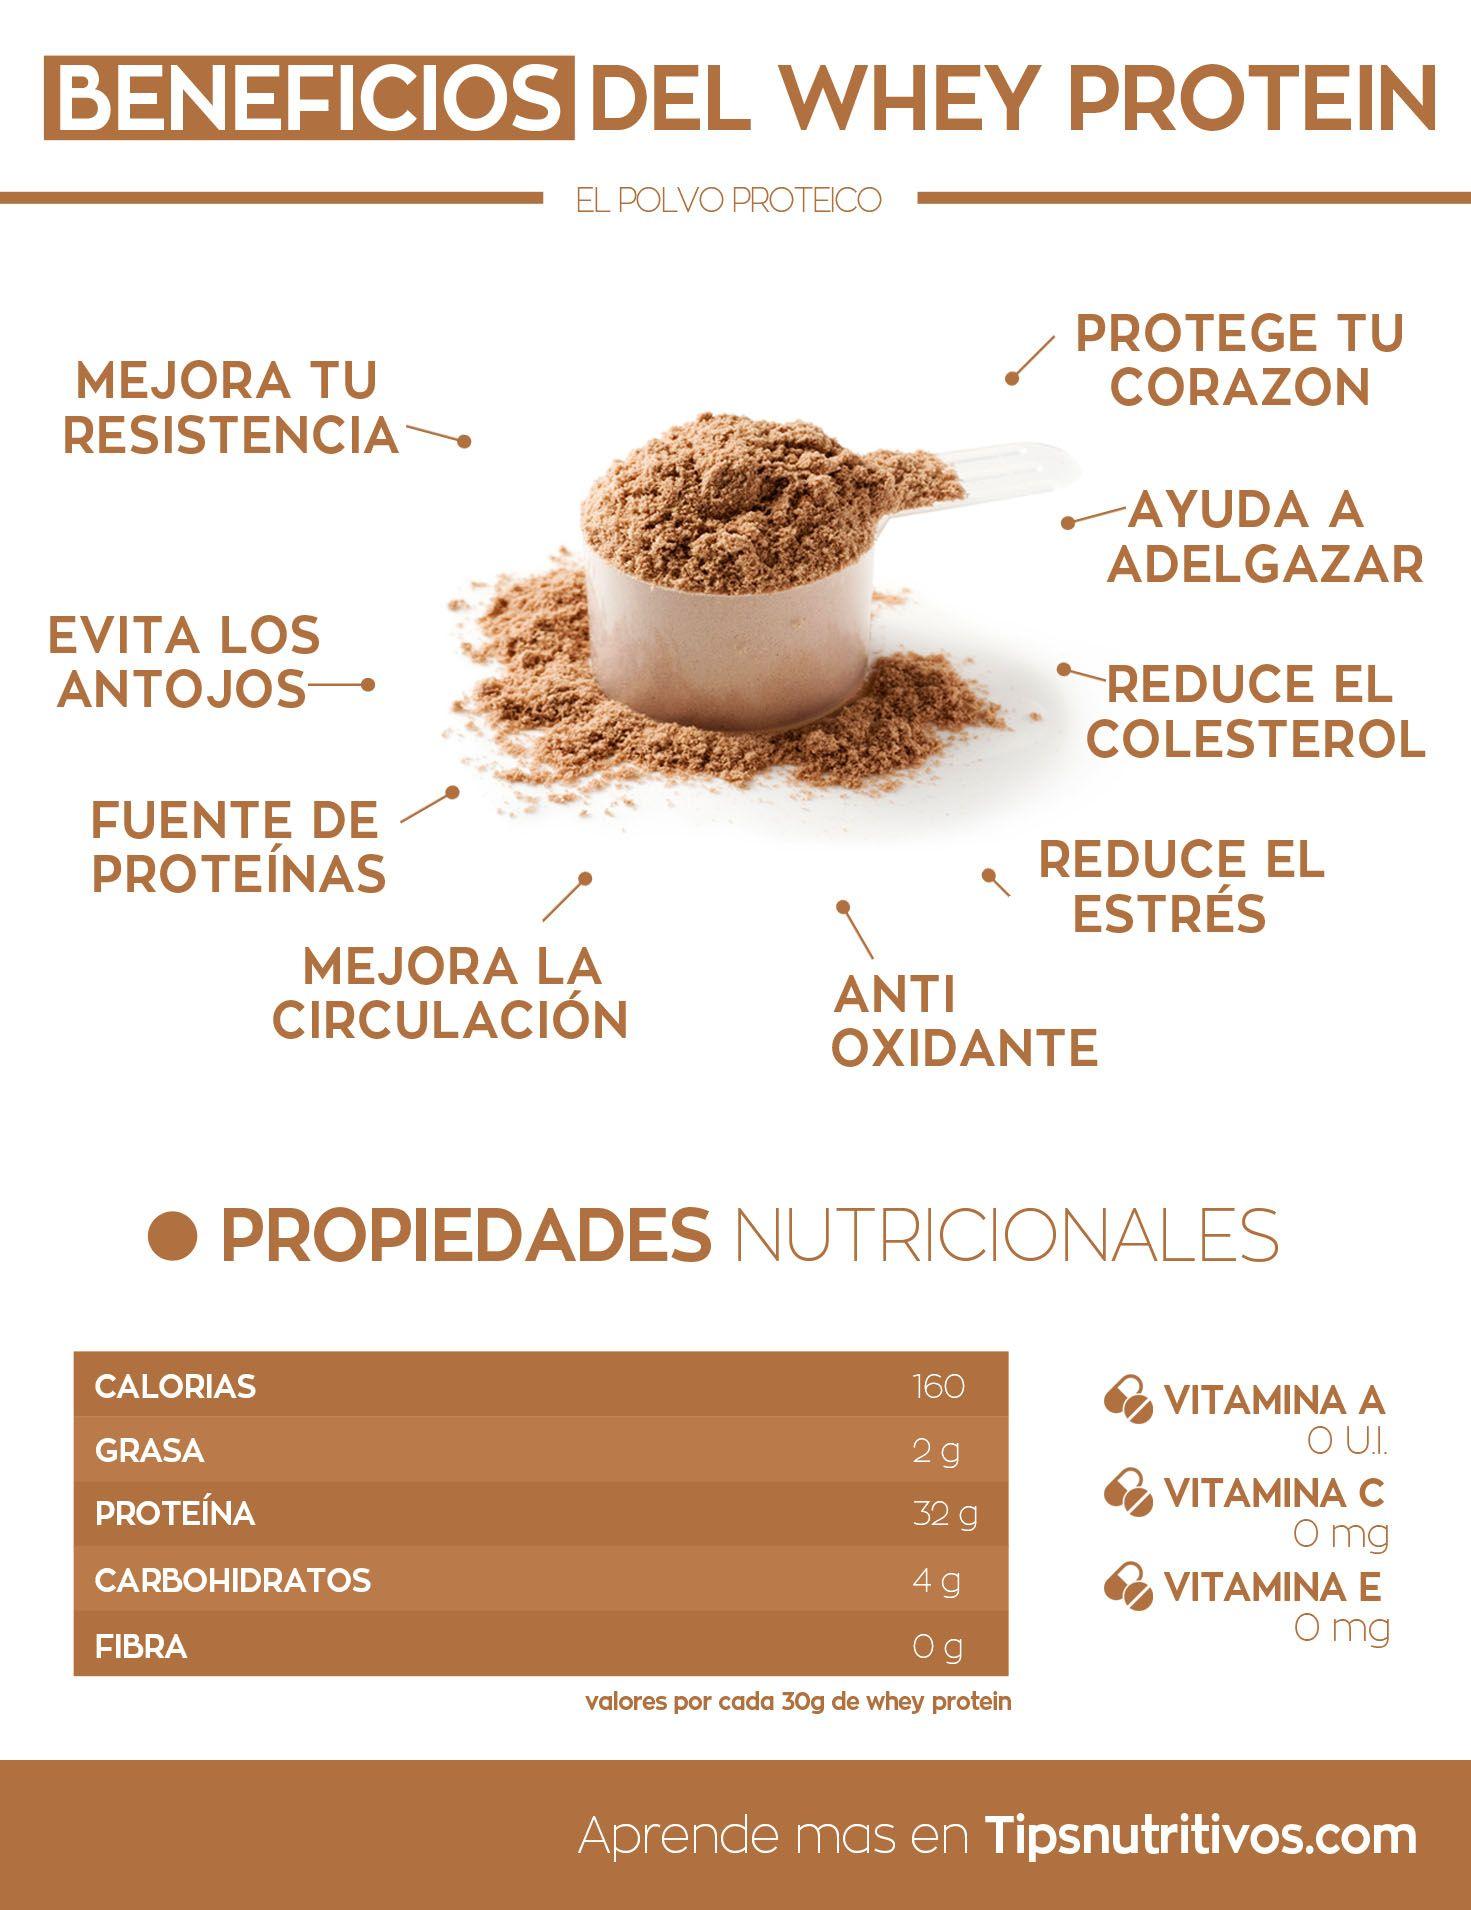 Es malo tomar whey protein